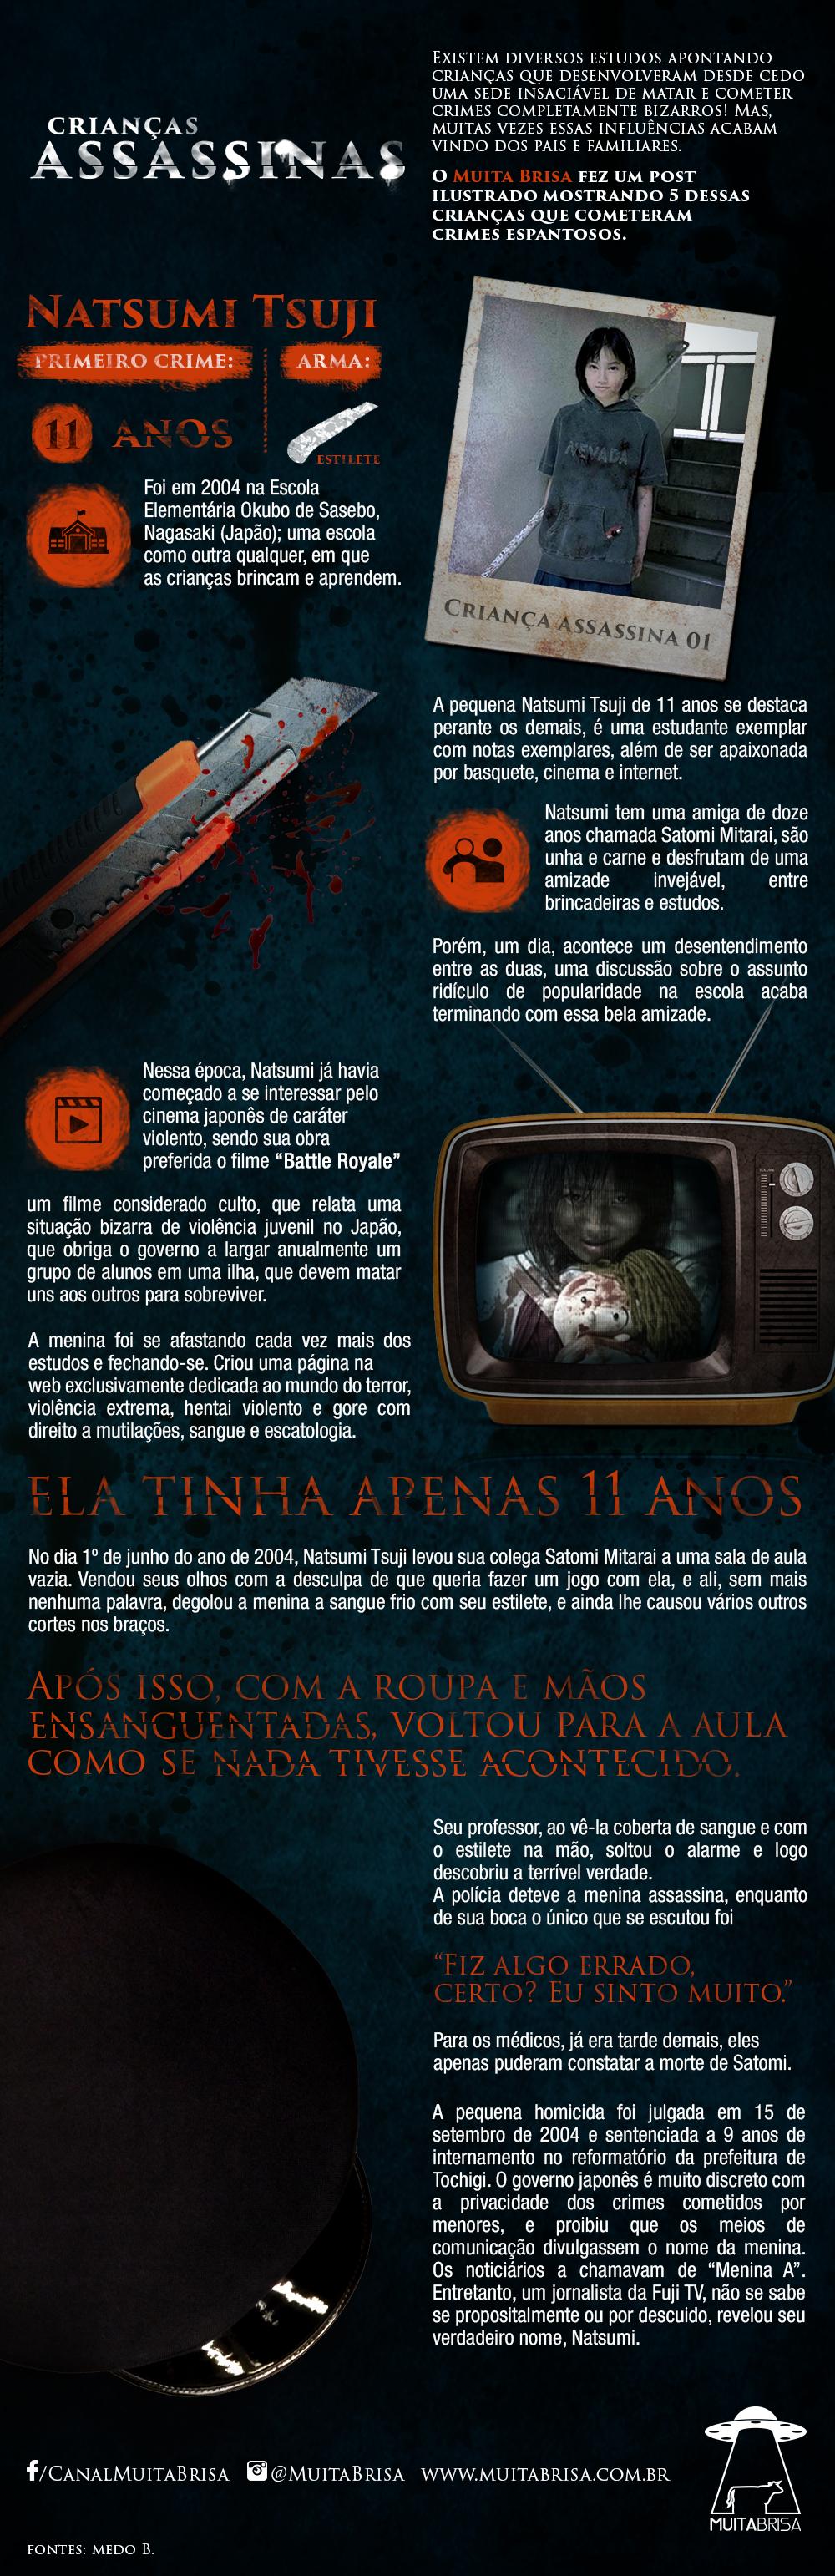 info_criancasassassinas_v2